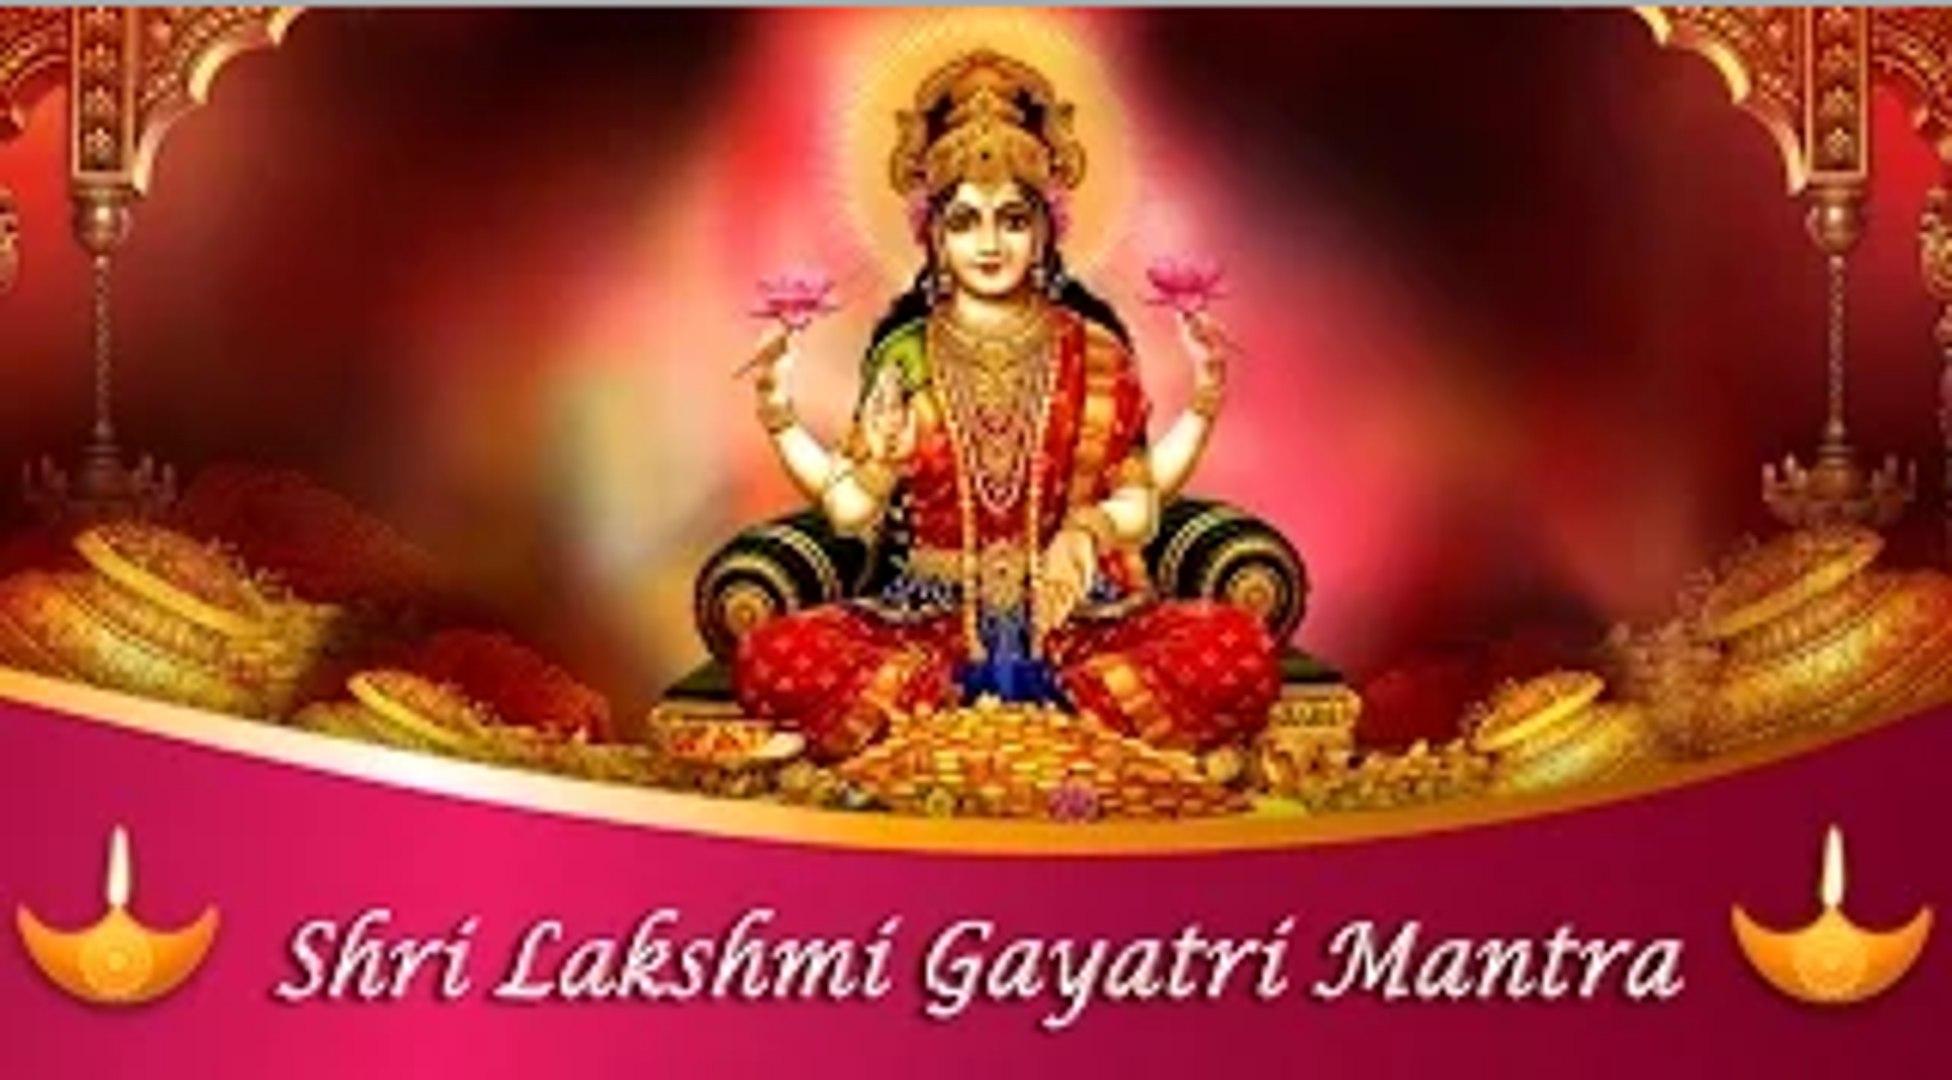 Lakshmi Gayatri Mantra   Diwali Special Songs   Gayatri Mantra For  Spiritual Wealth & Prosperity